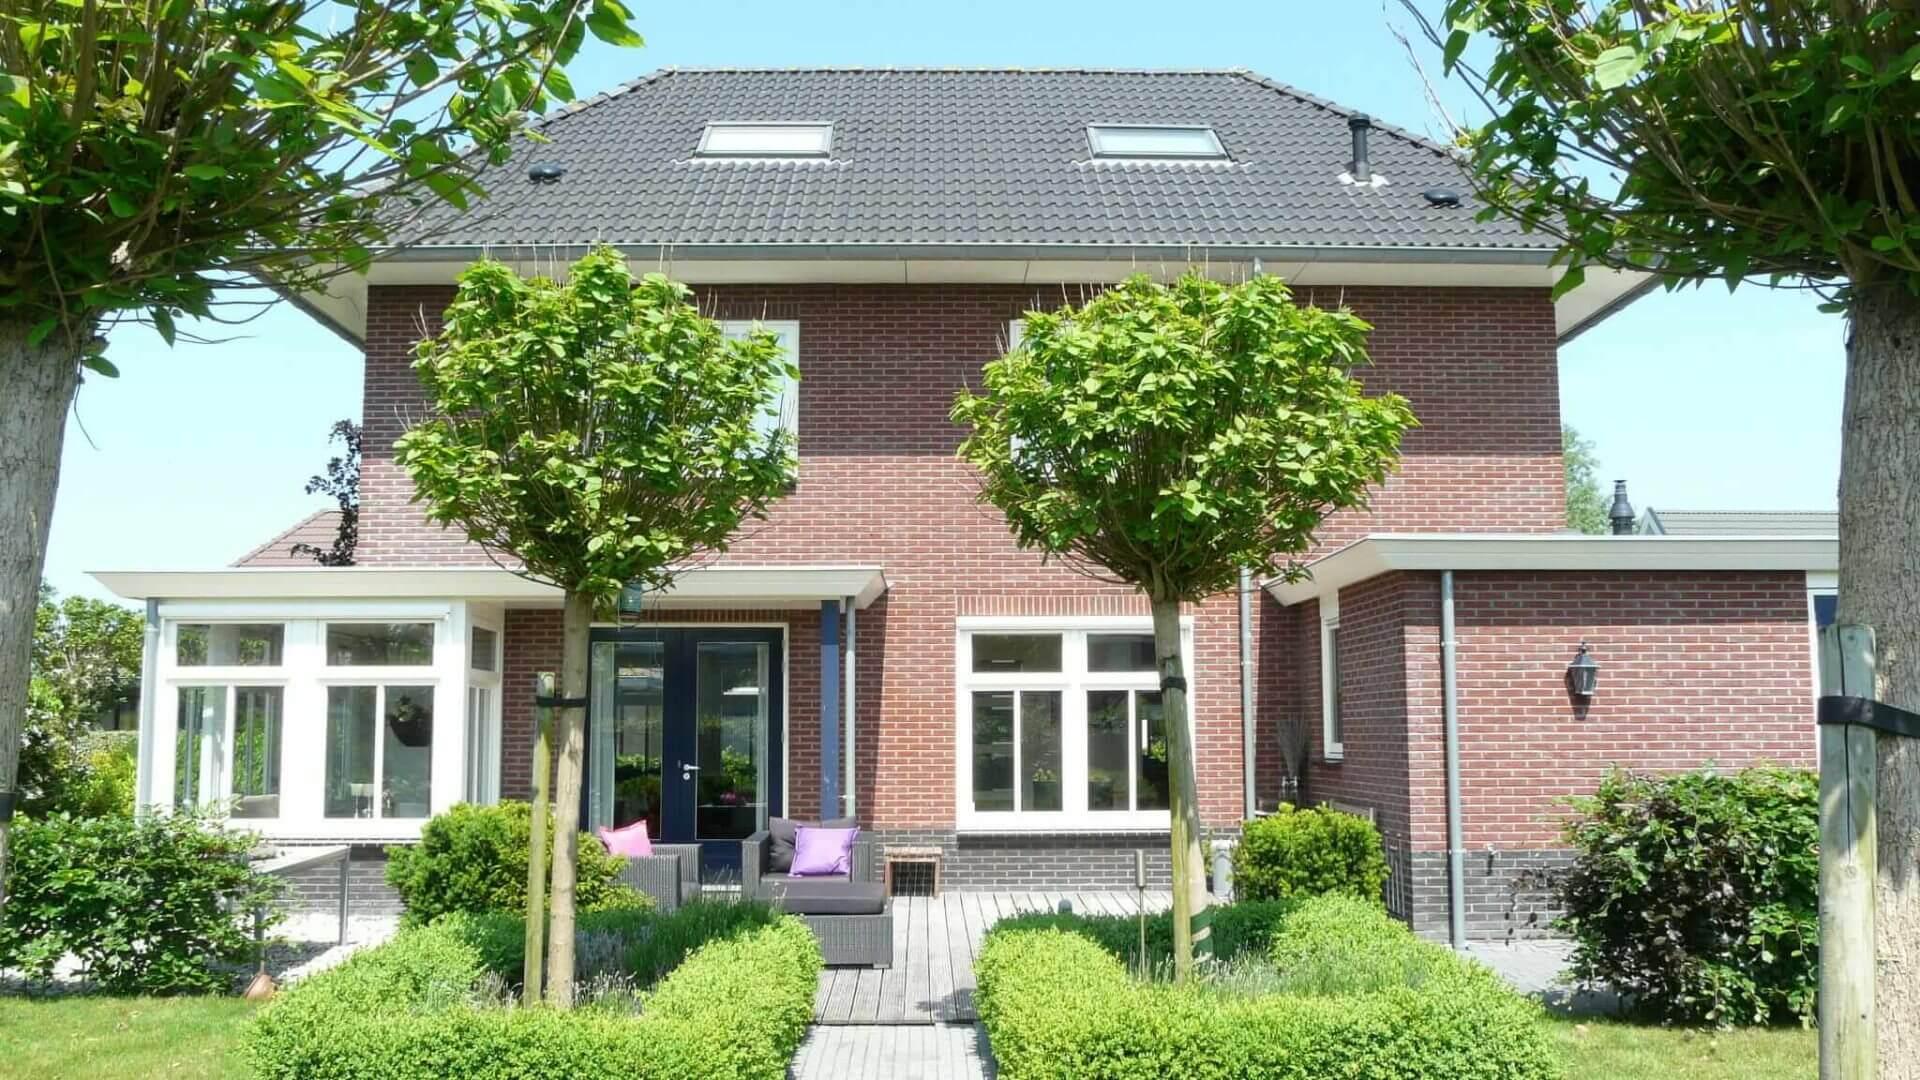 Te Koop: Moleplaat 51 Leeuwarden